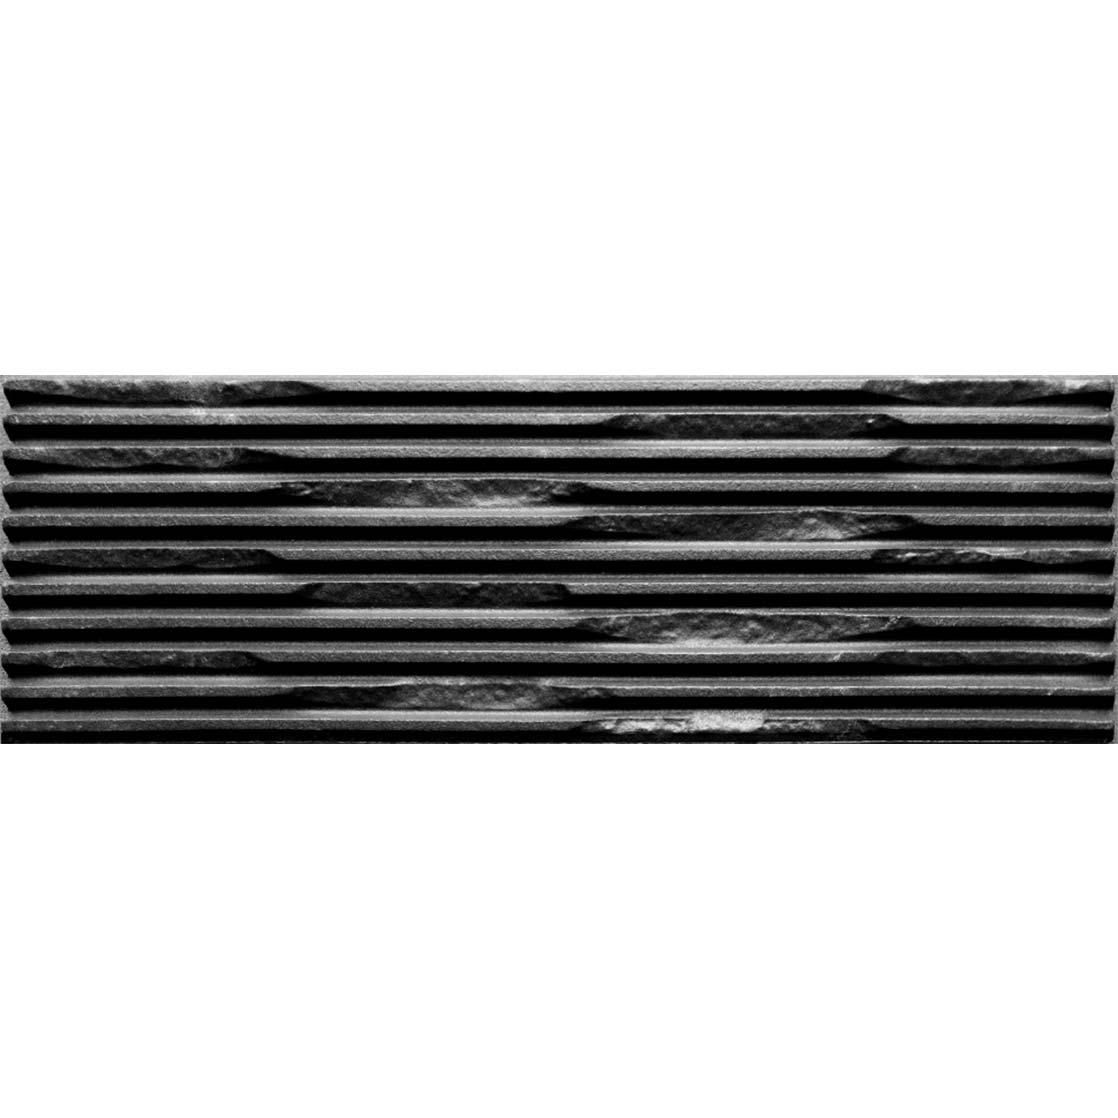 Gạch thẻ trang trí 100x300 Viglacera CL1303 giá rẻ